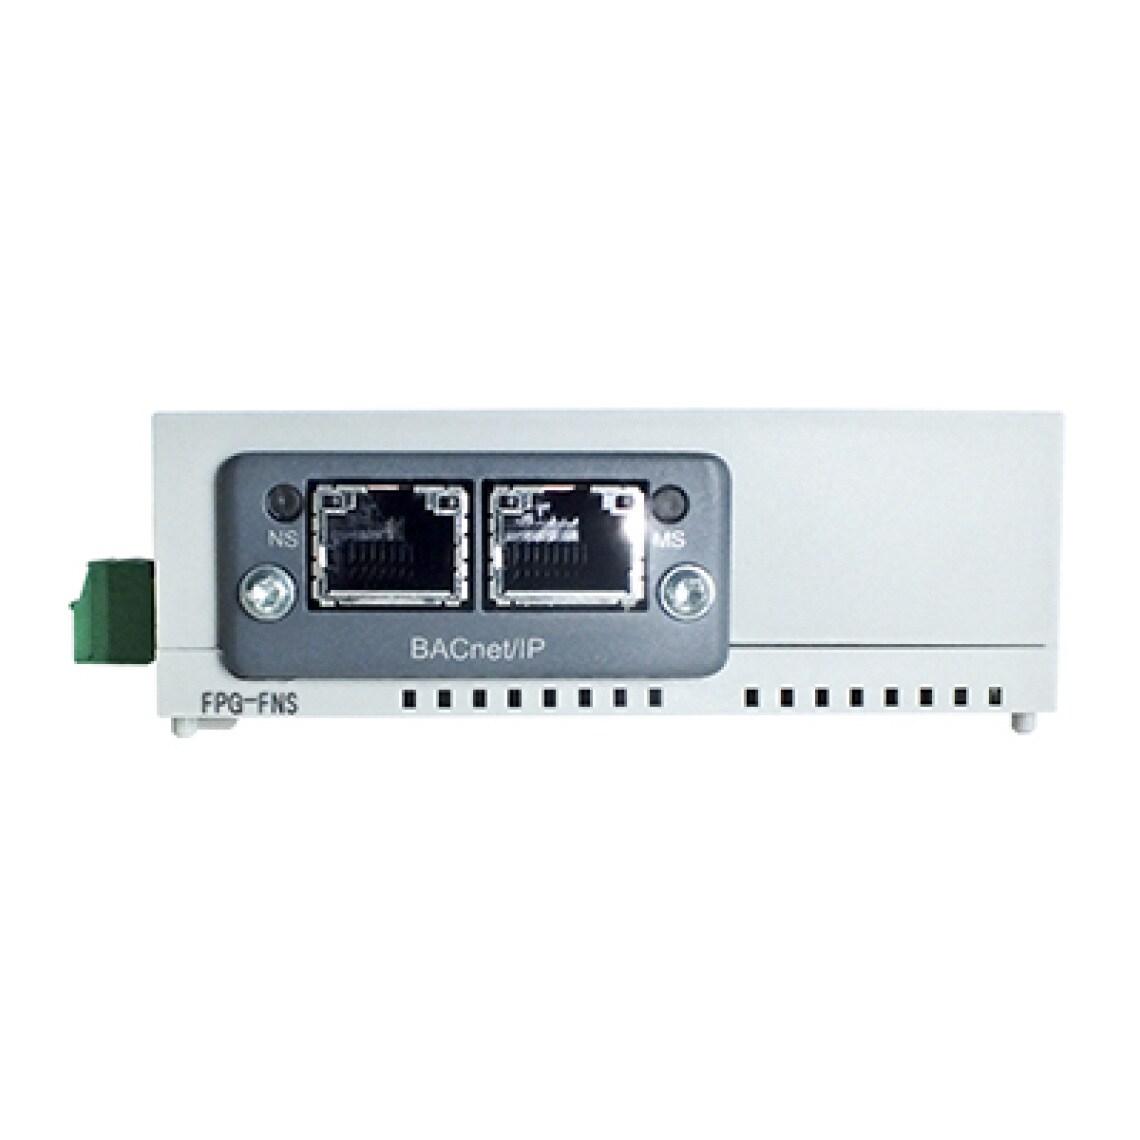 module BACnet/IP